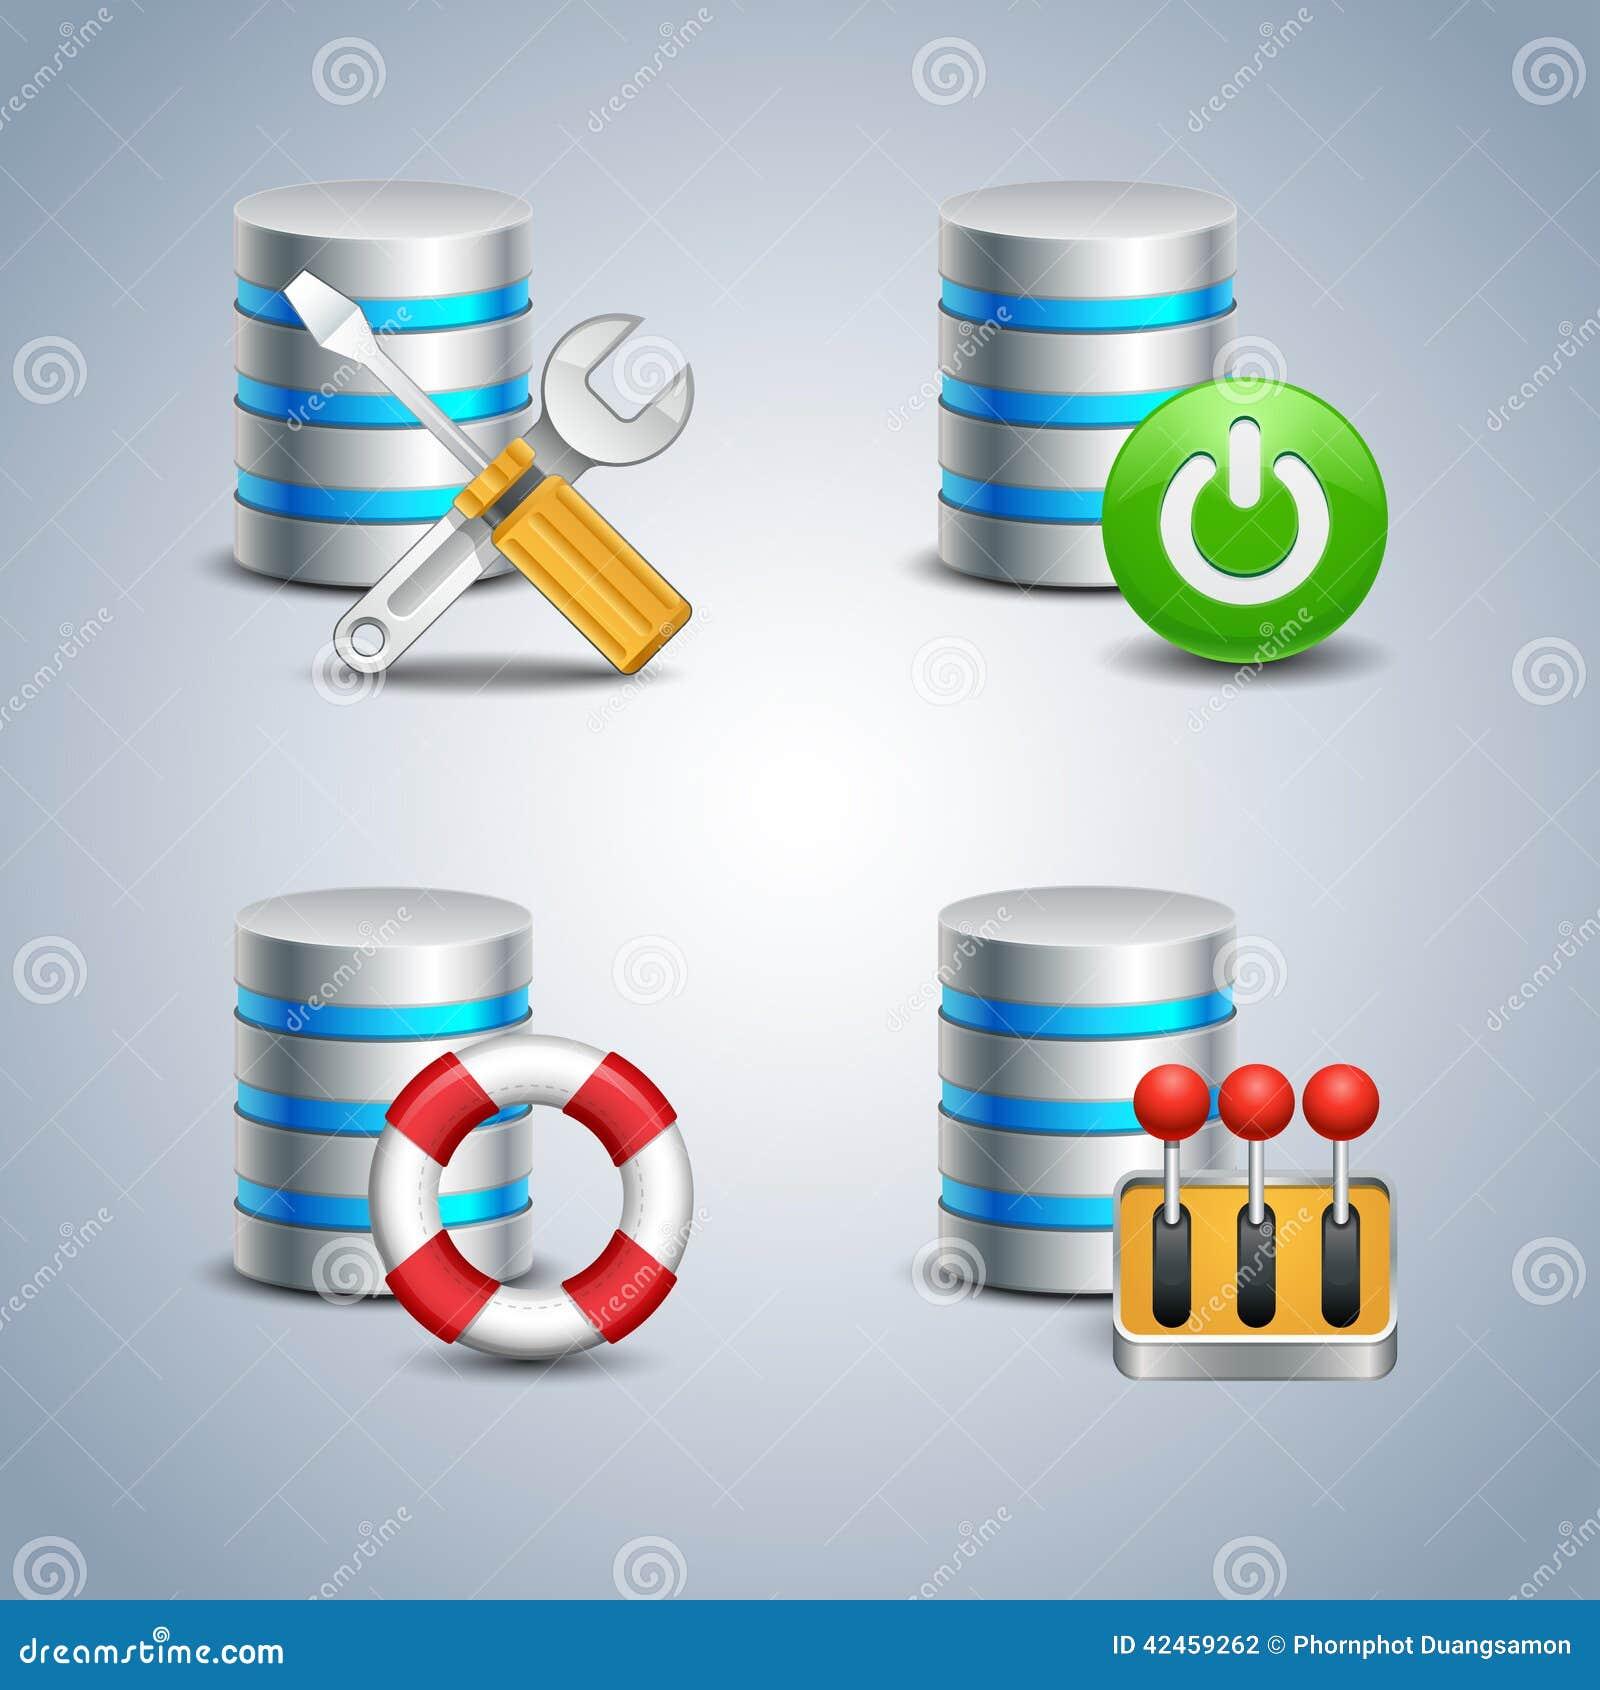 Datenbank-Ikone eingestellt # 6